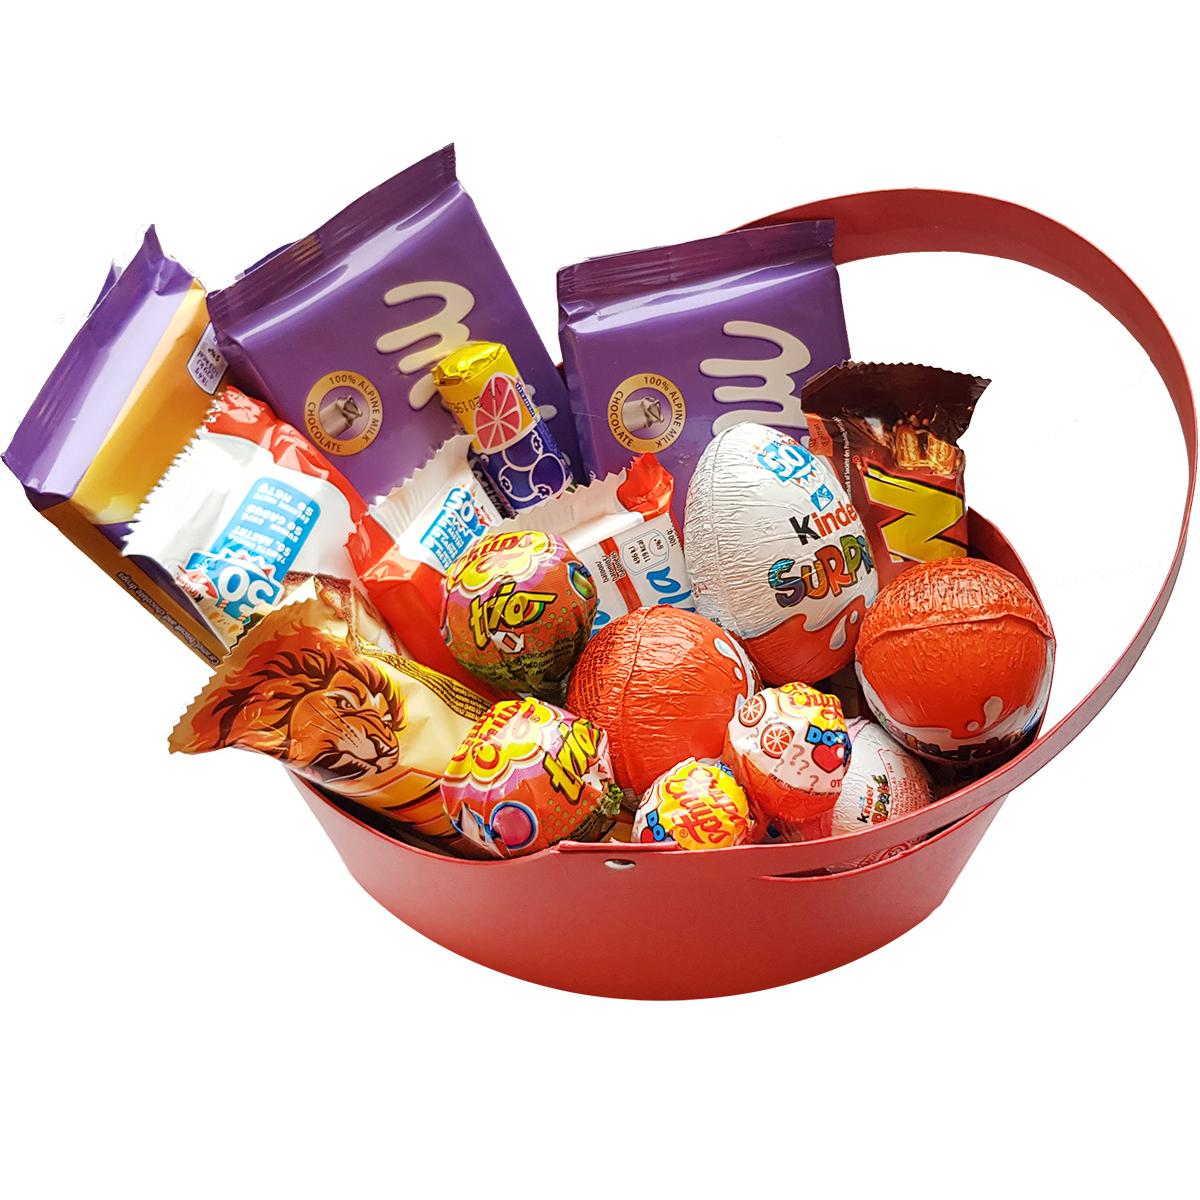 Kinder saldainių rinkinys - Saulės Gėlė